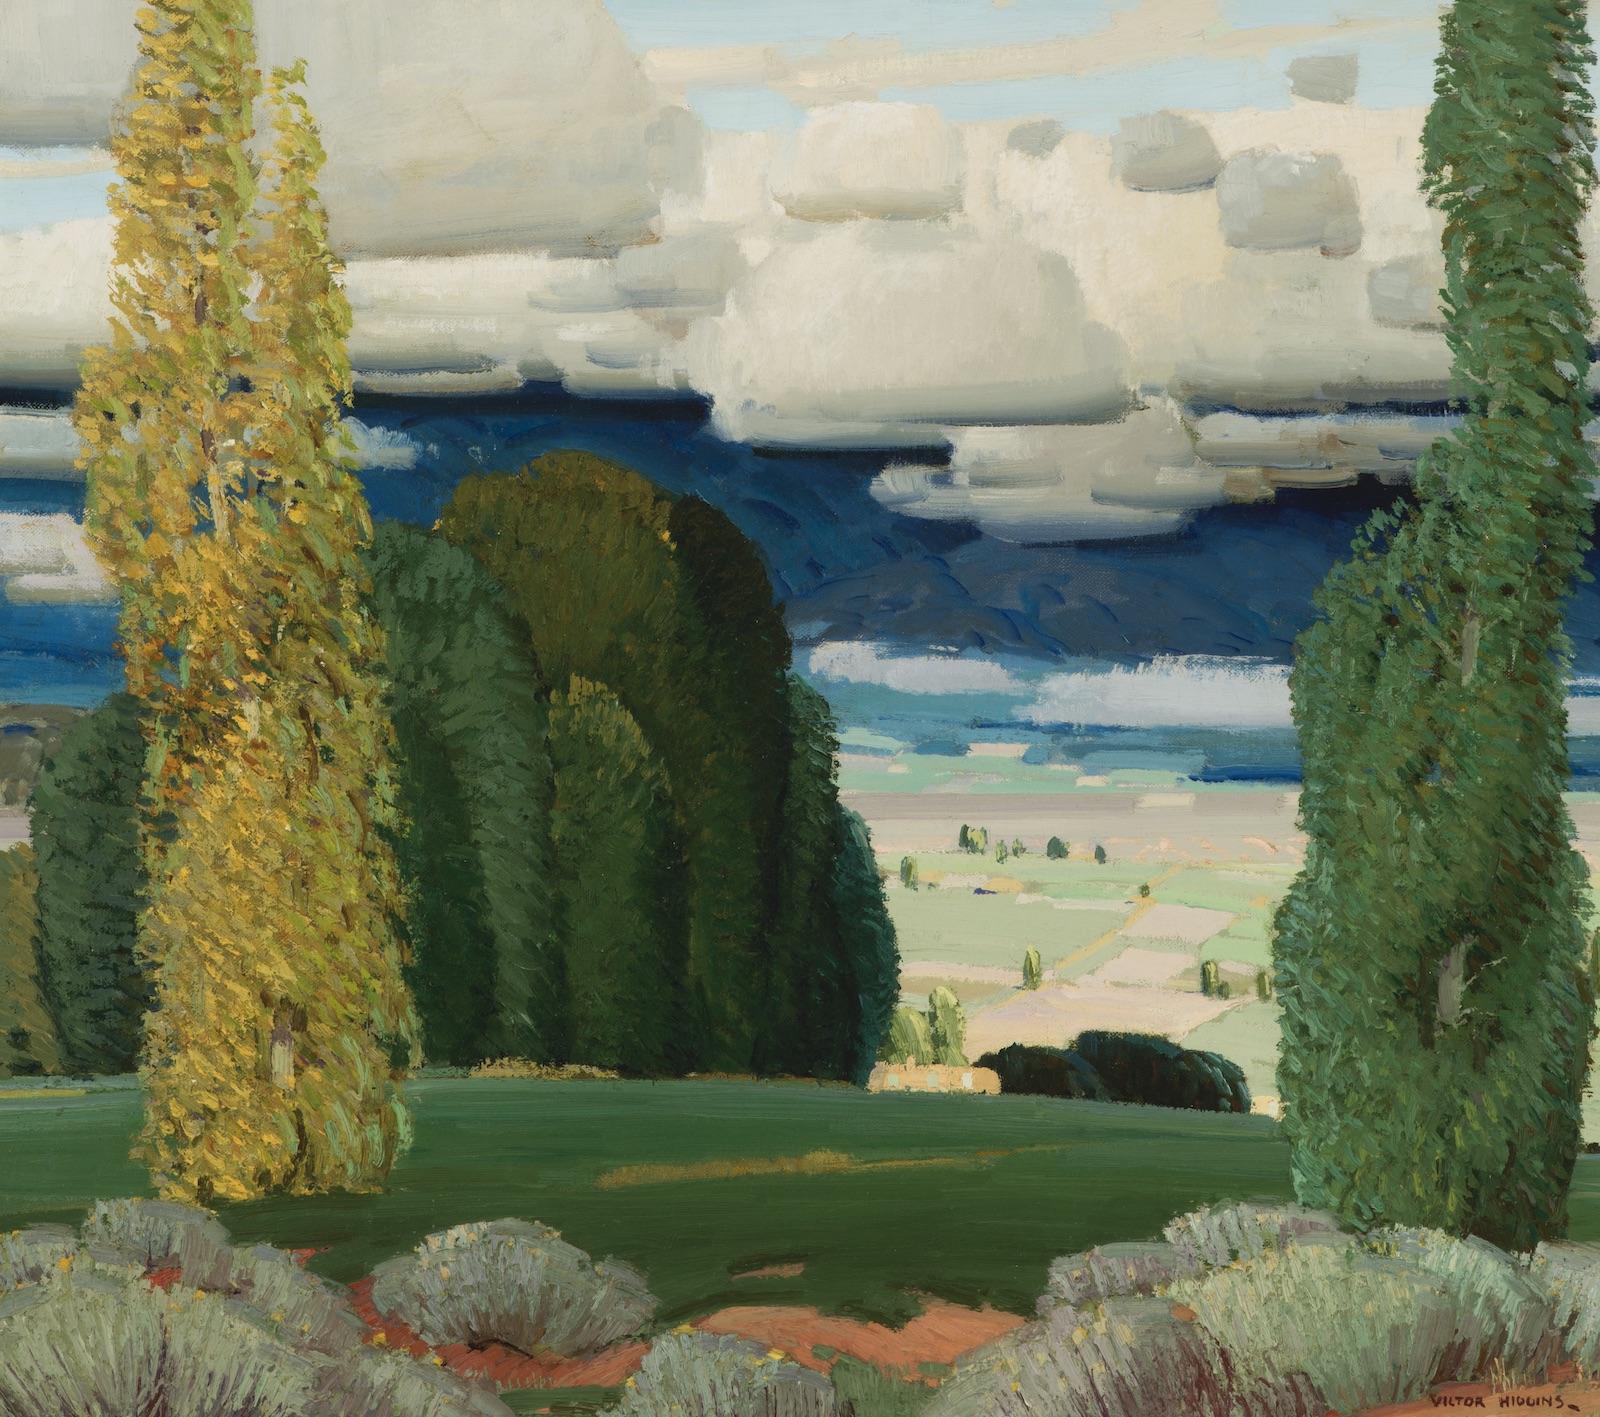 Victor Higgins, Taos Valley Landscape